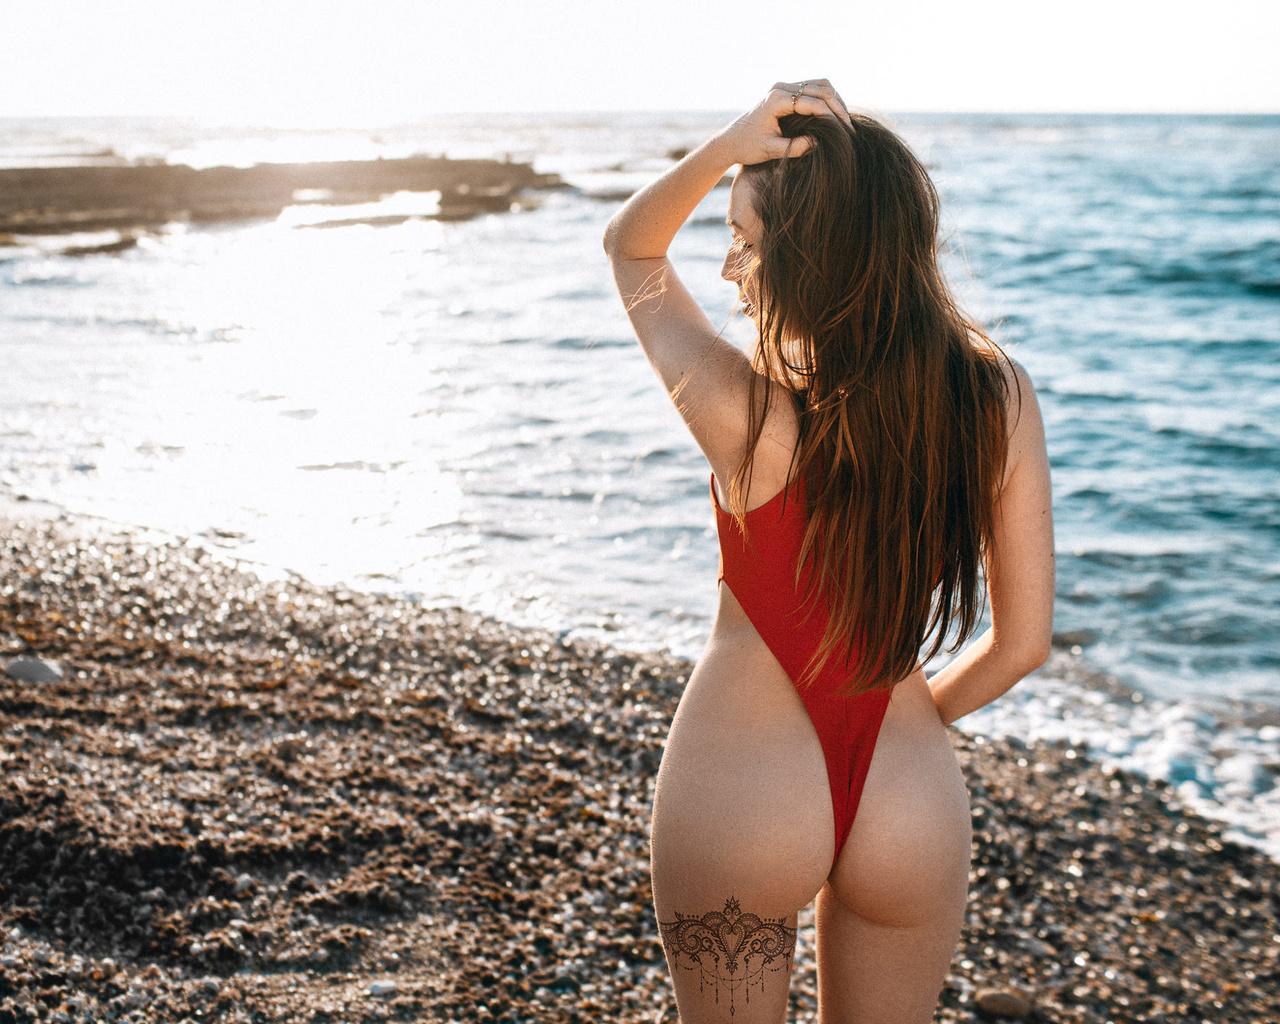 women, ass, tattoo, back, one-piece swimsuit, long hair, sea, women outdoors